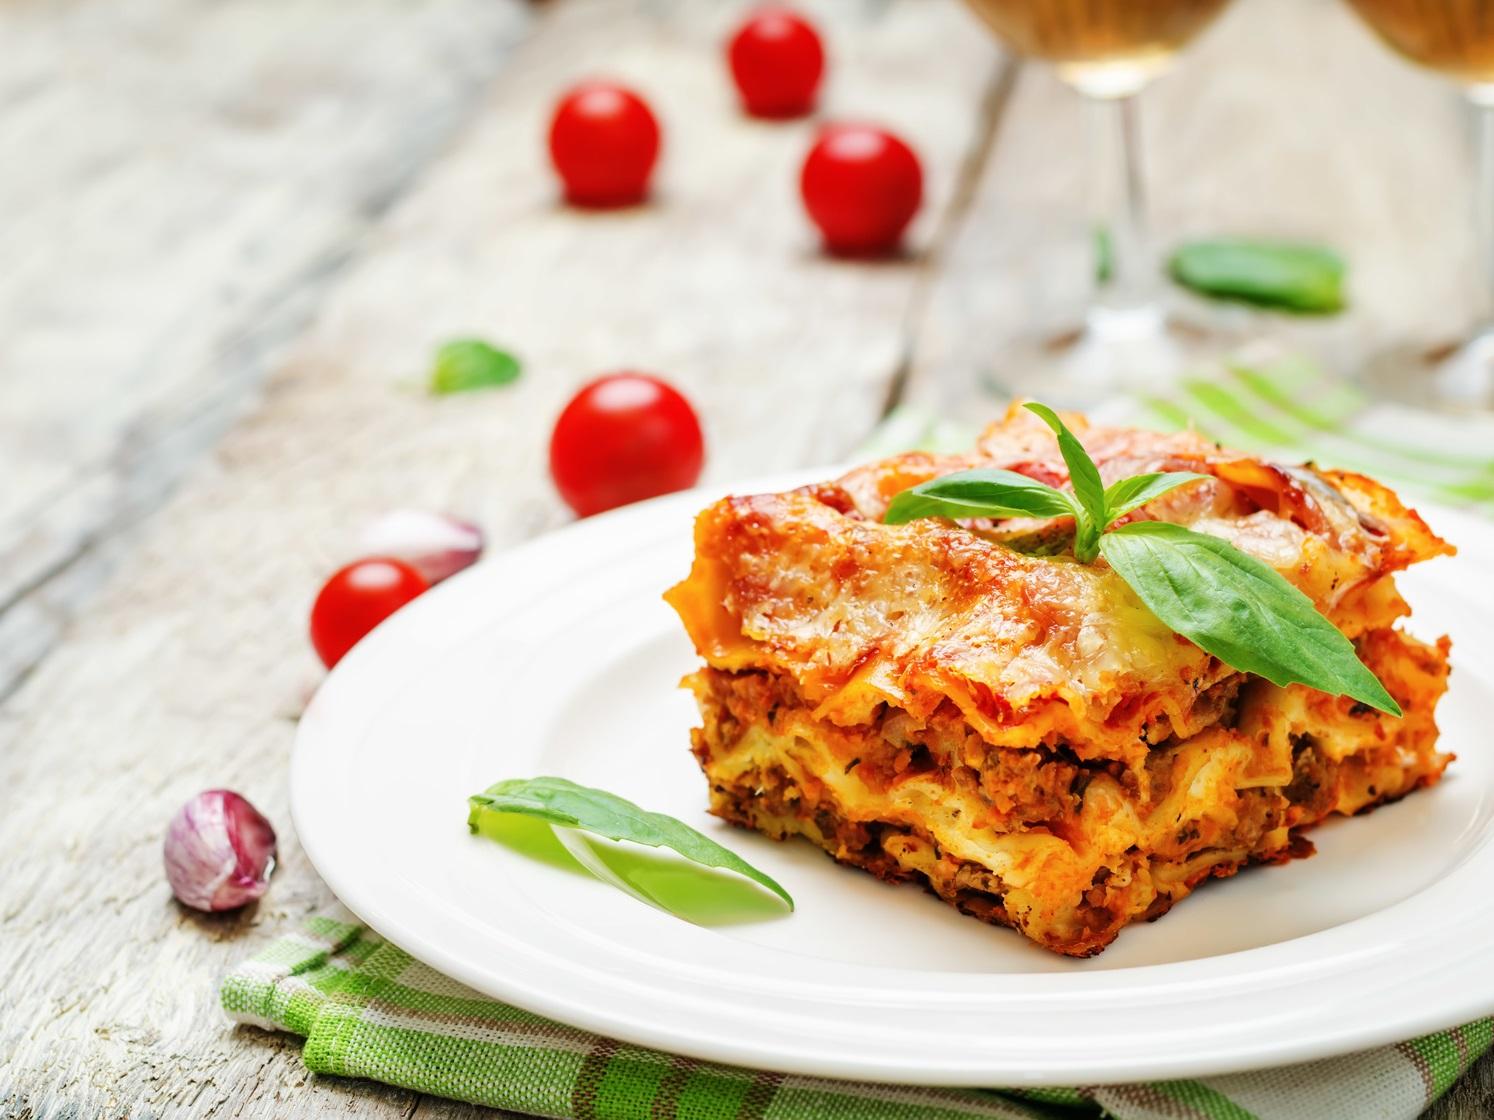 Lasagne, Abendessen, Italiener, Entspannung, Essen, Arrangement, Pauschale, Bad Steben